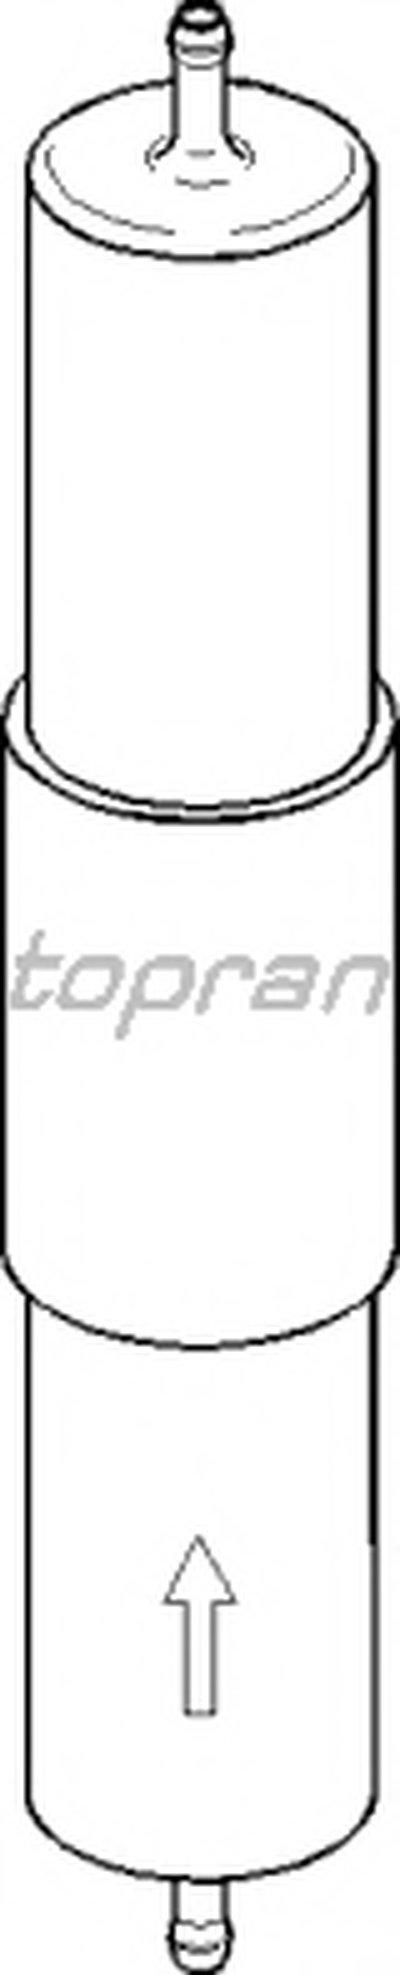 Топливный фильтр TOPRAN купить